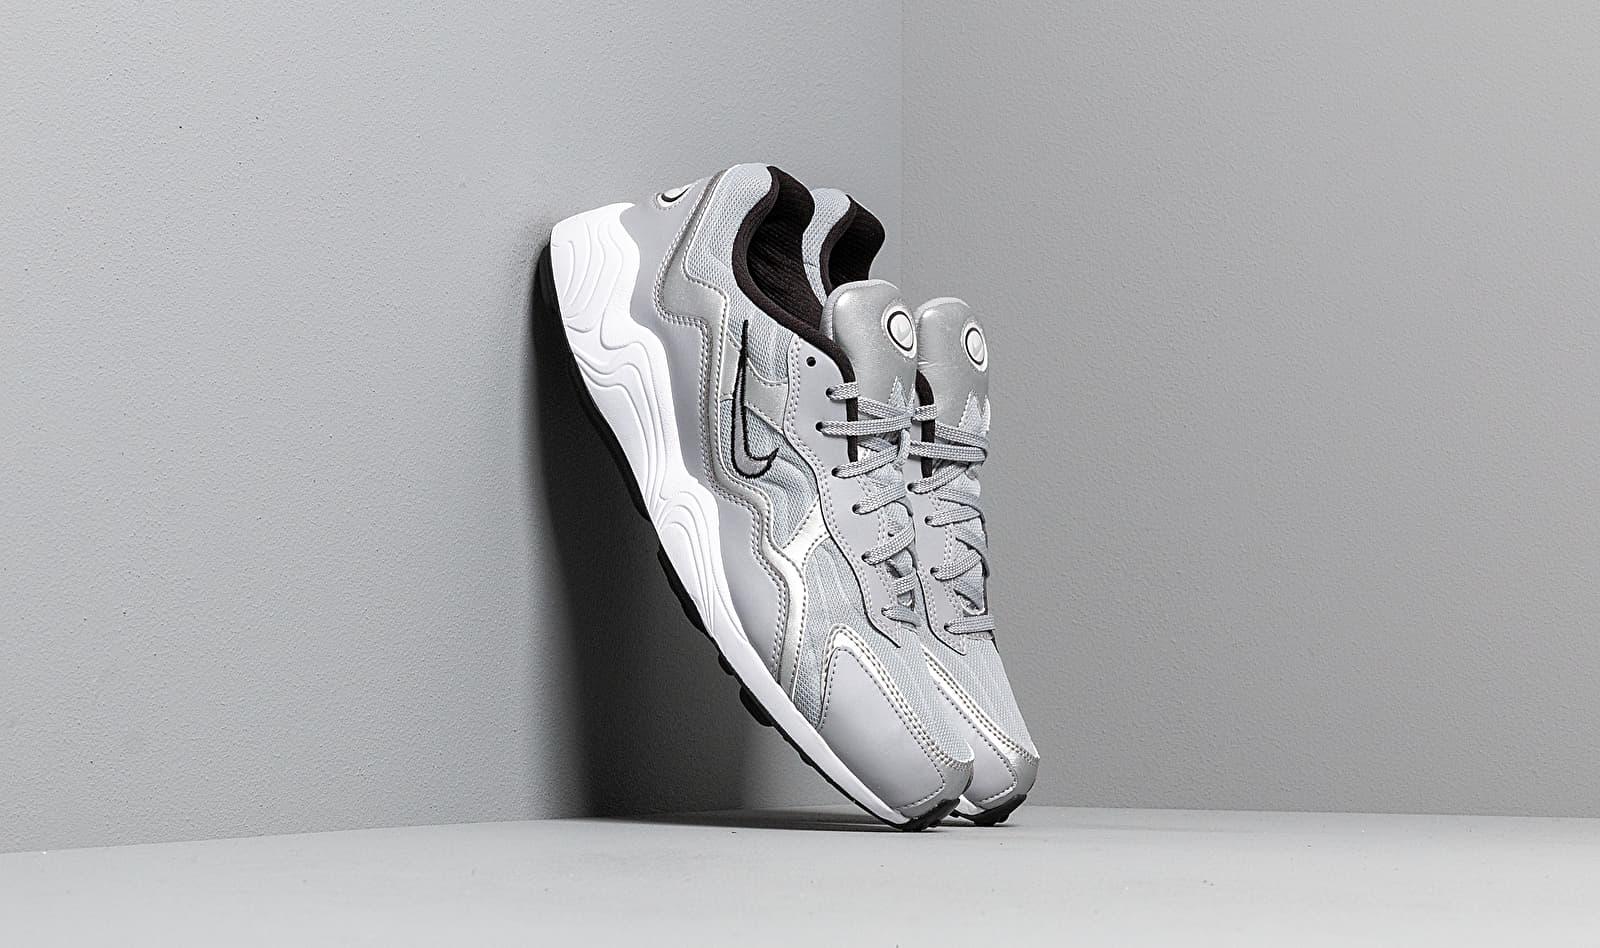 Nike Air Zoom Alpha Wolf Grey/ Wolf Grey-Metallic Silver BQ8800-001